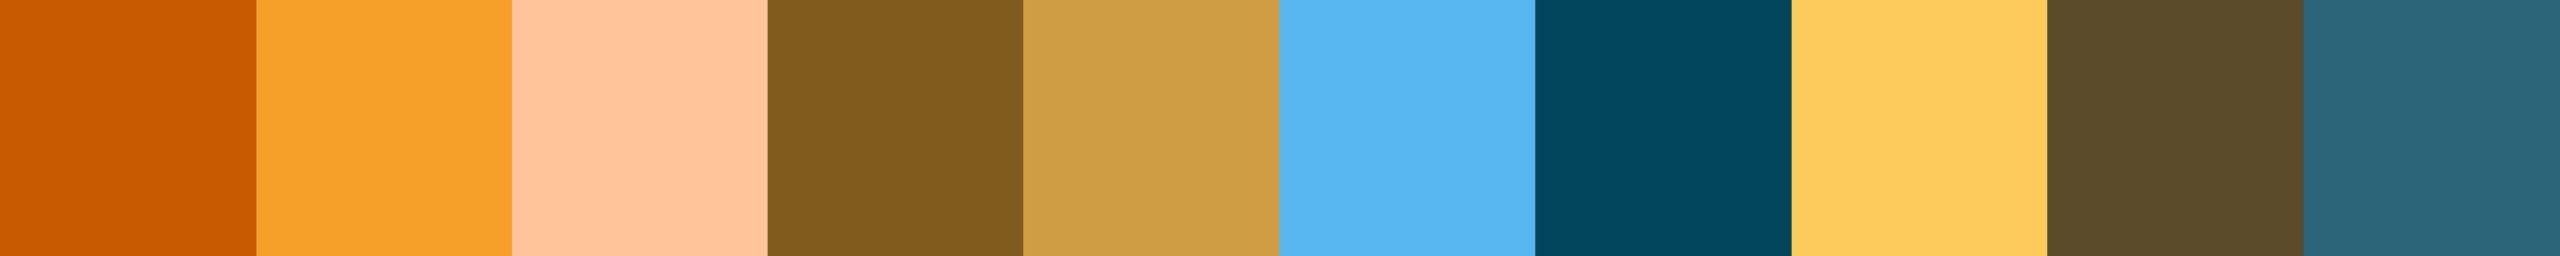 675 Loustevia Color Palette